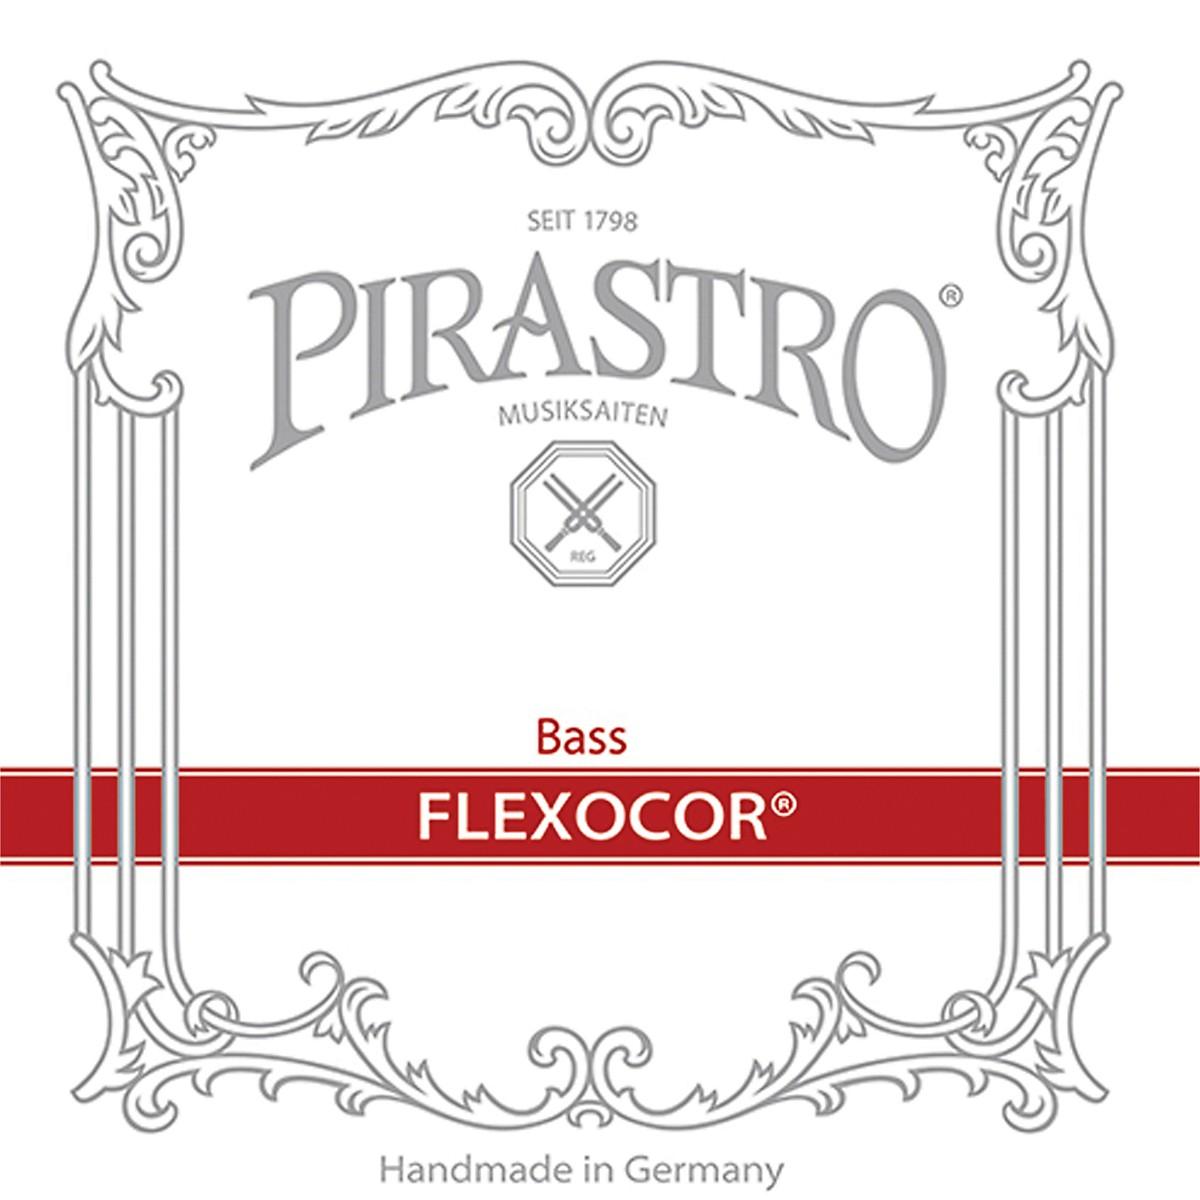 Pirastro Flexocor Series Double Bass A String